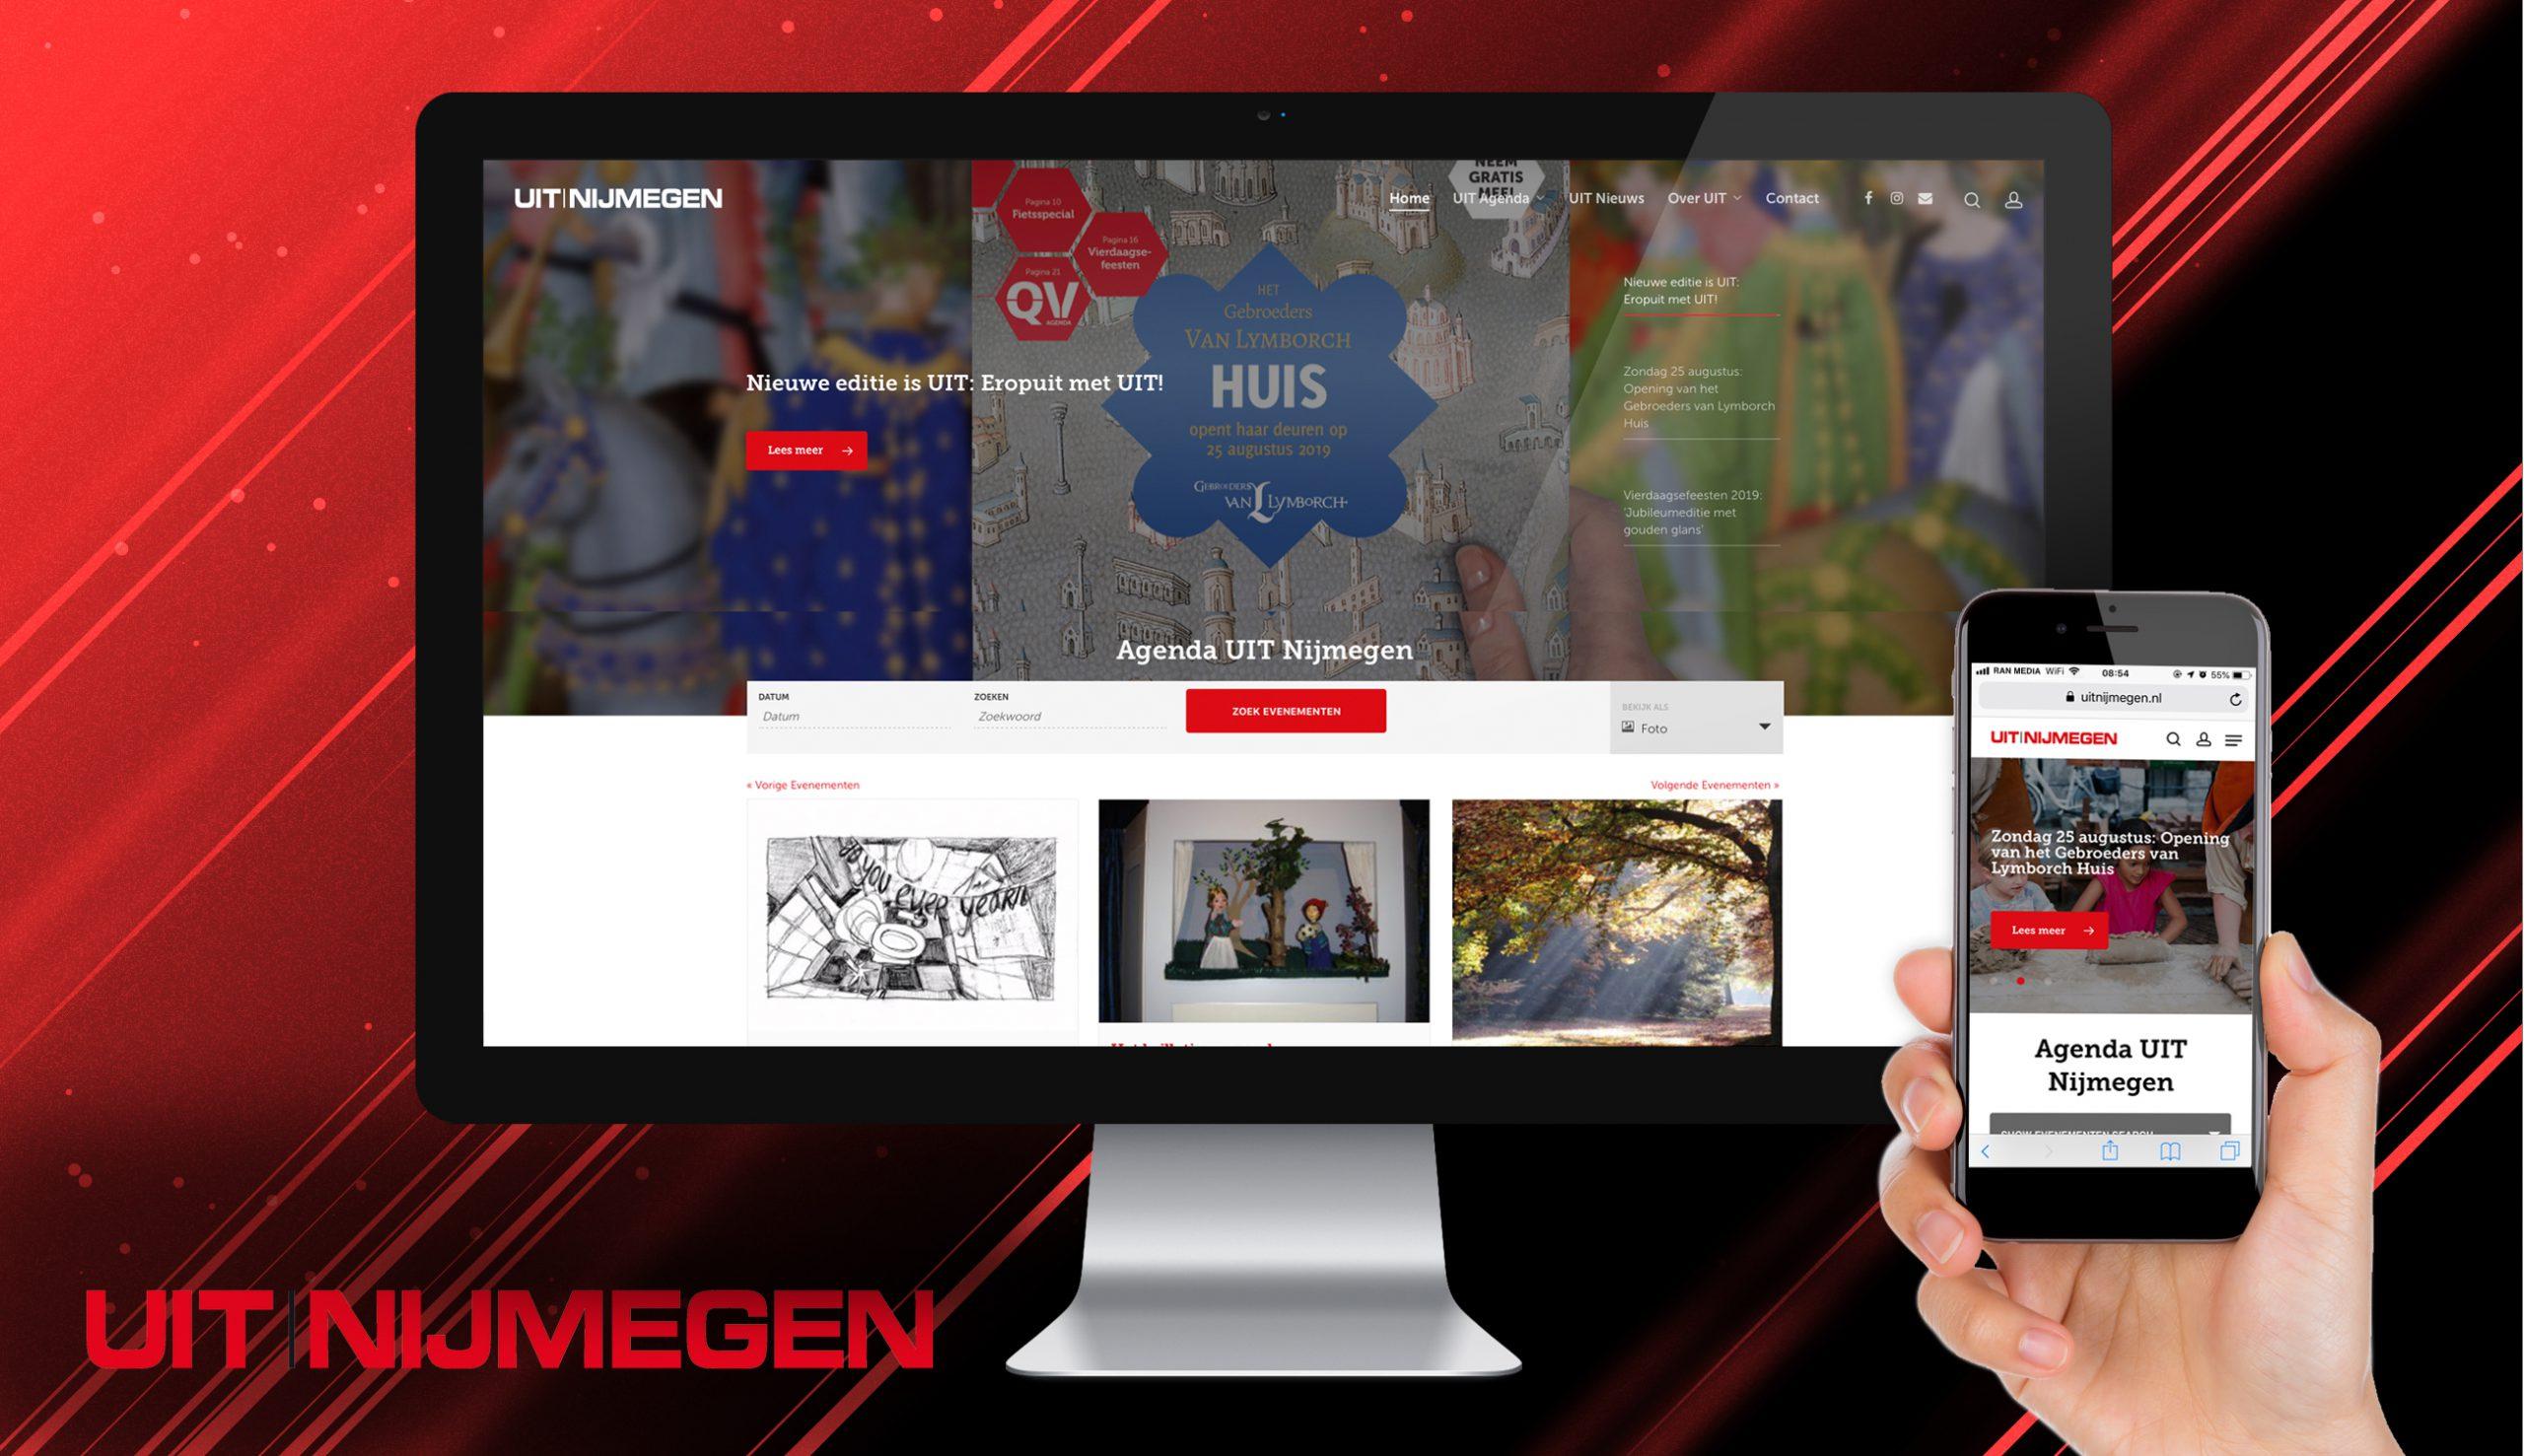 Nieuw online platform ontwikkeld voor UIT Nijmegen